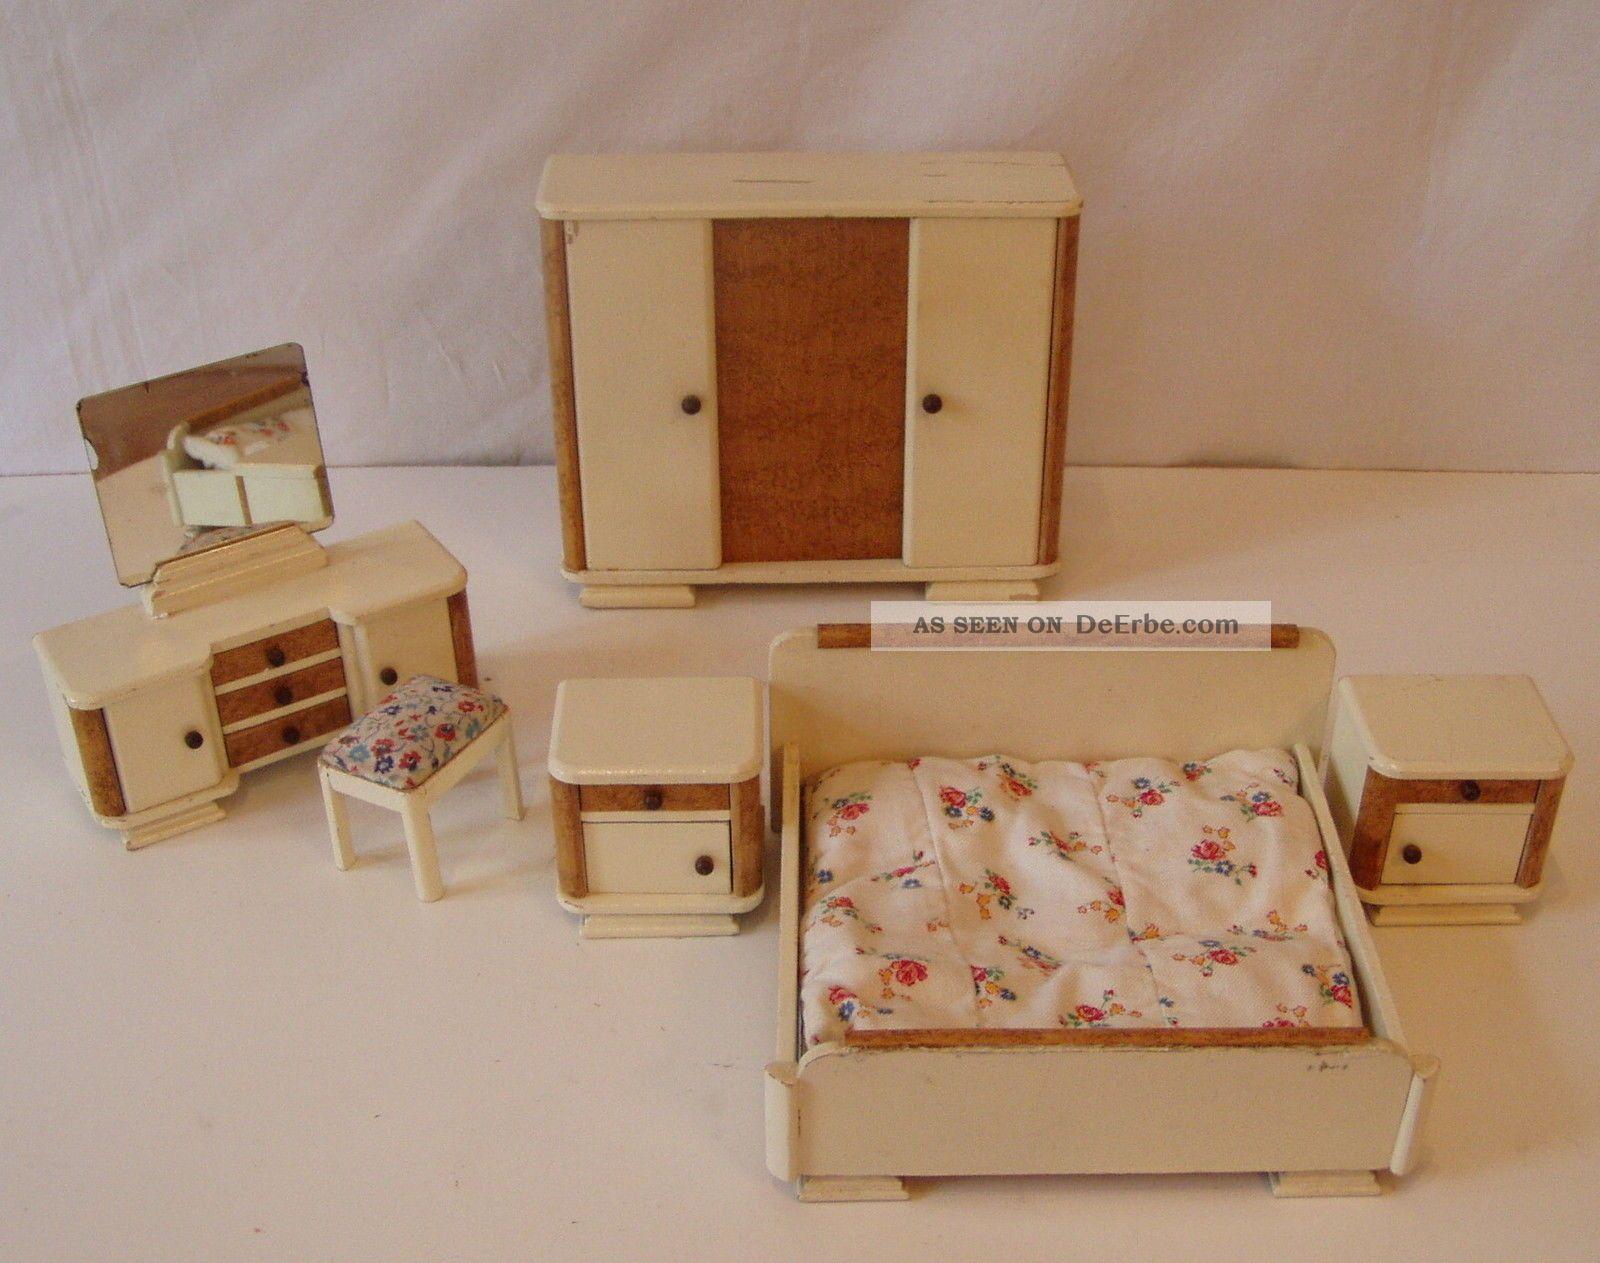 Schlafzimmer MÖbel 30er Jahre Puppenstube Puppenhaus PuppenmÖbel